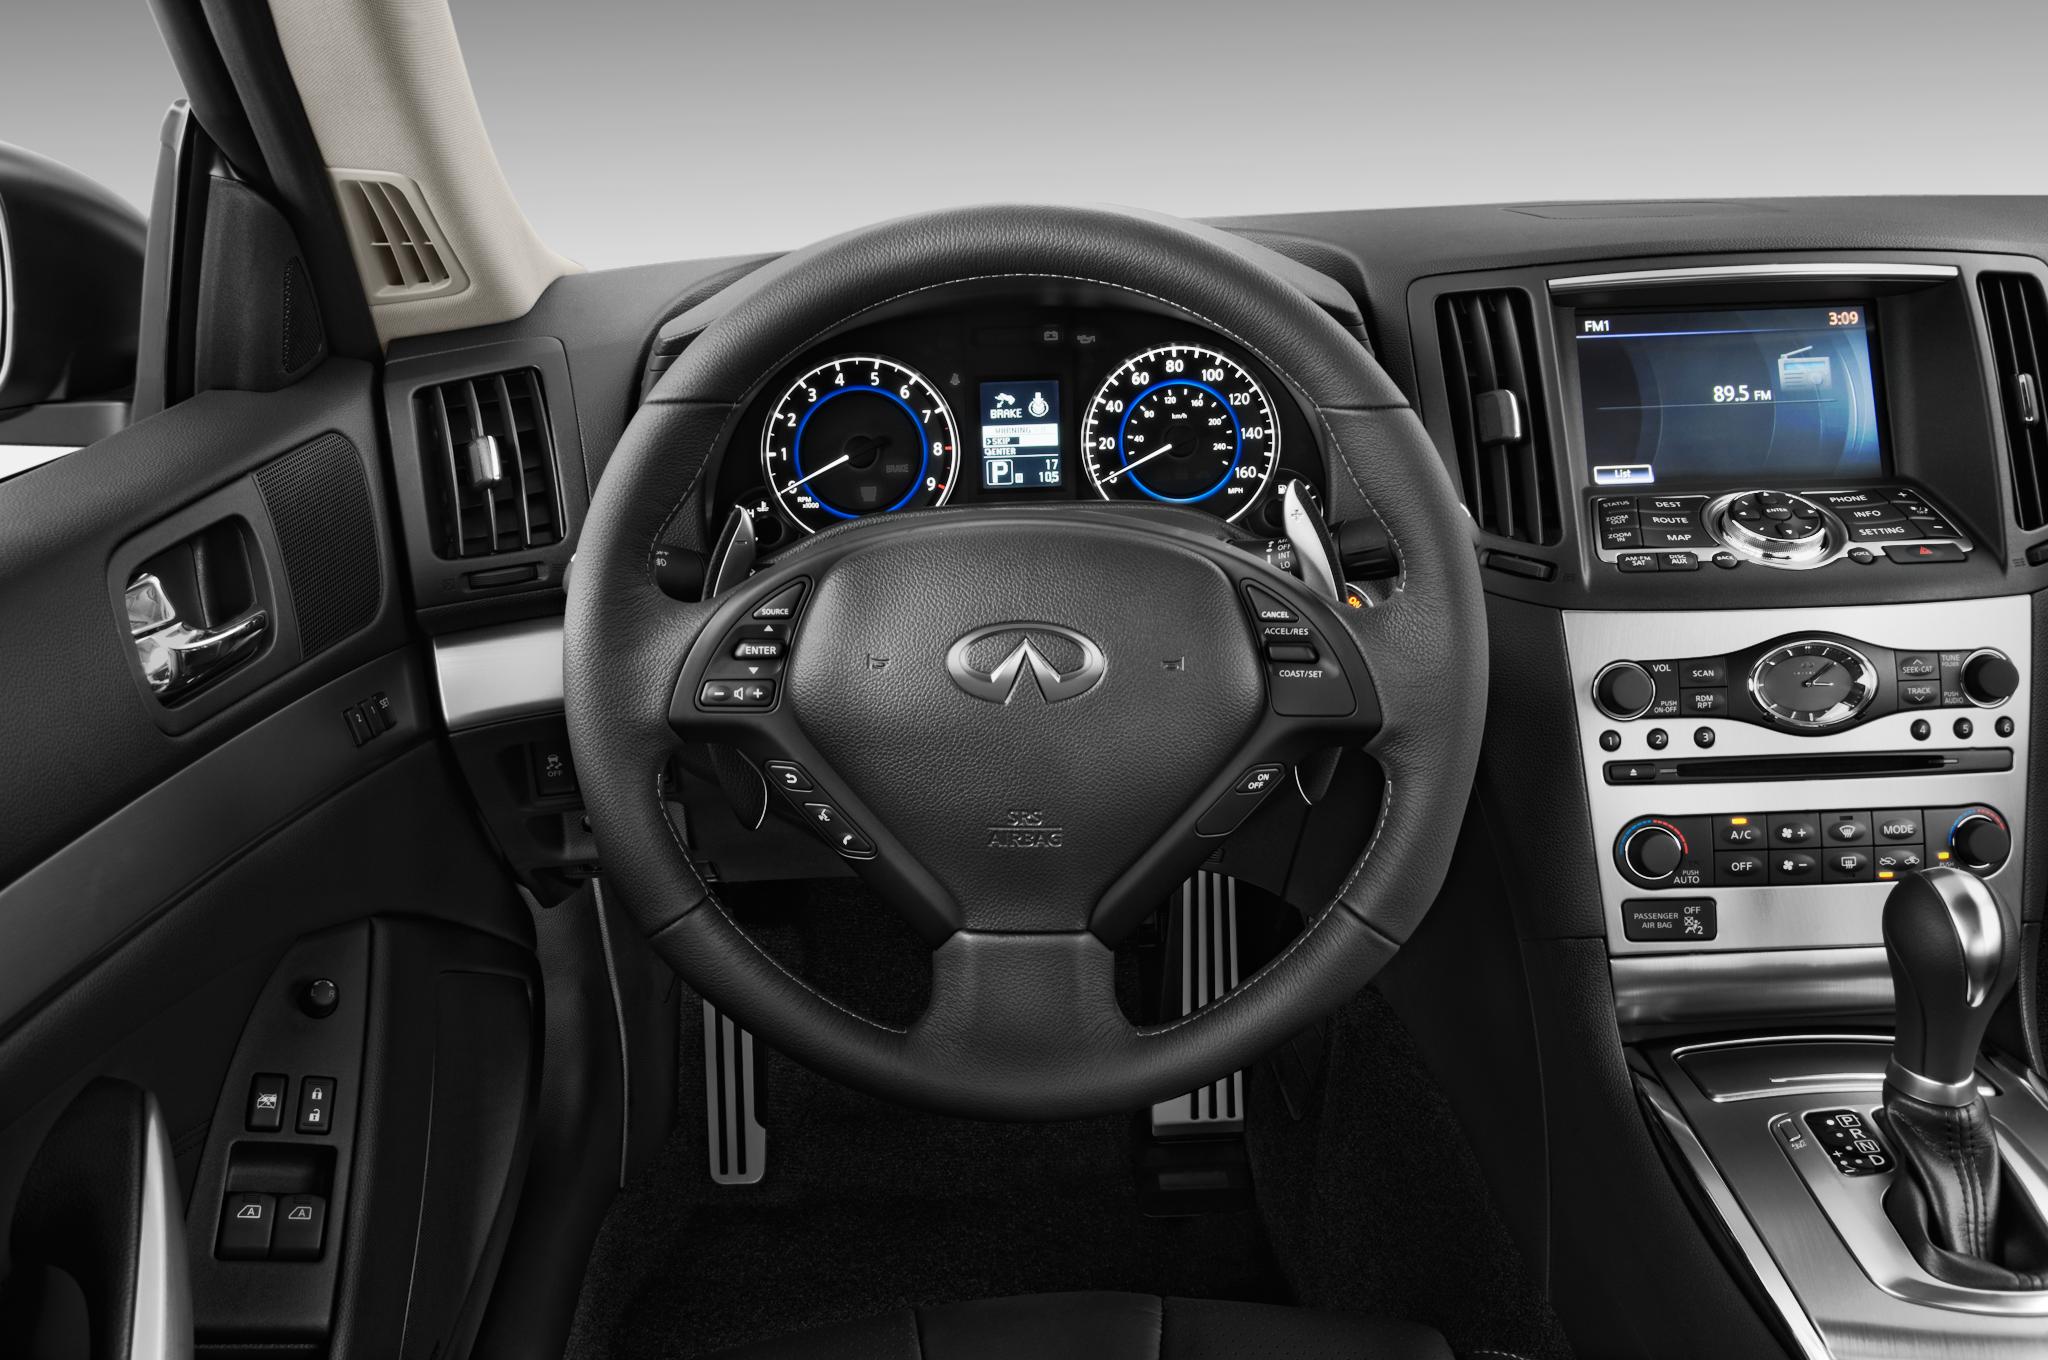 2010 Infiniti G37 Convertible Infiniti Luxury